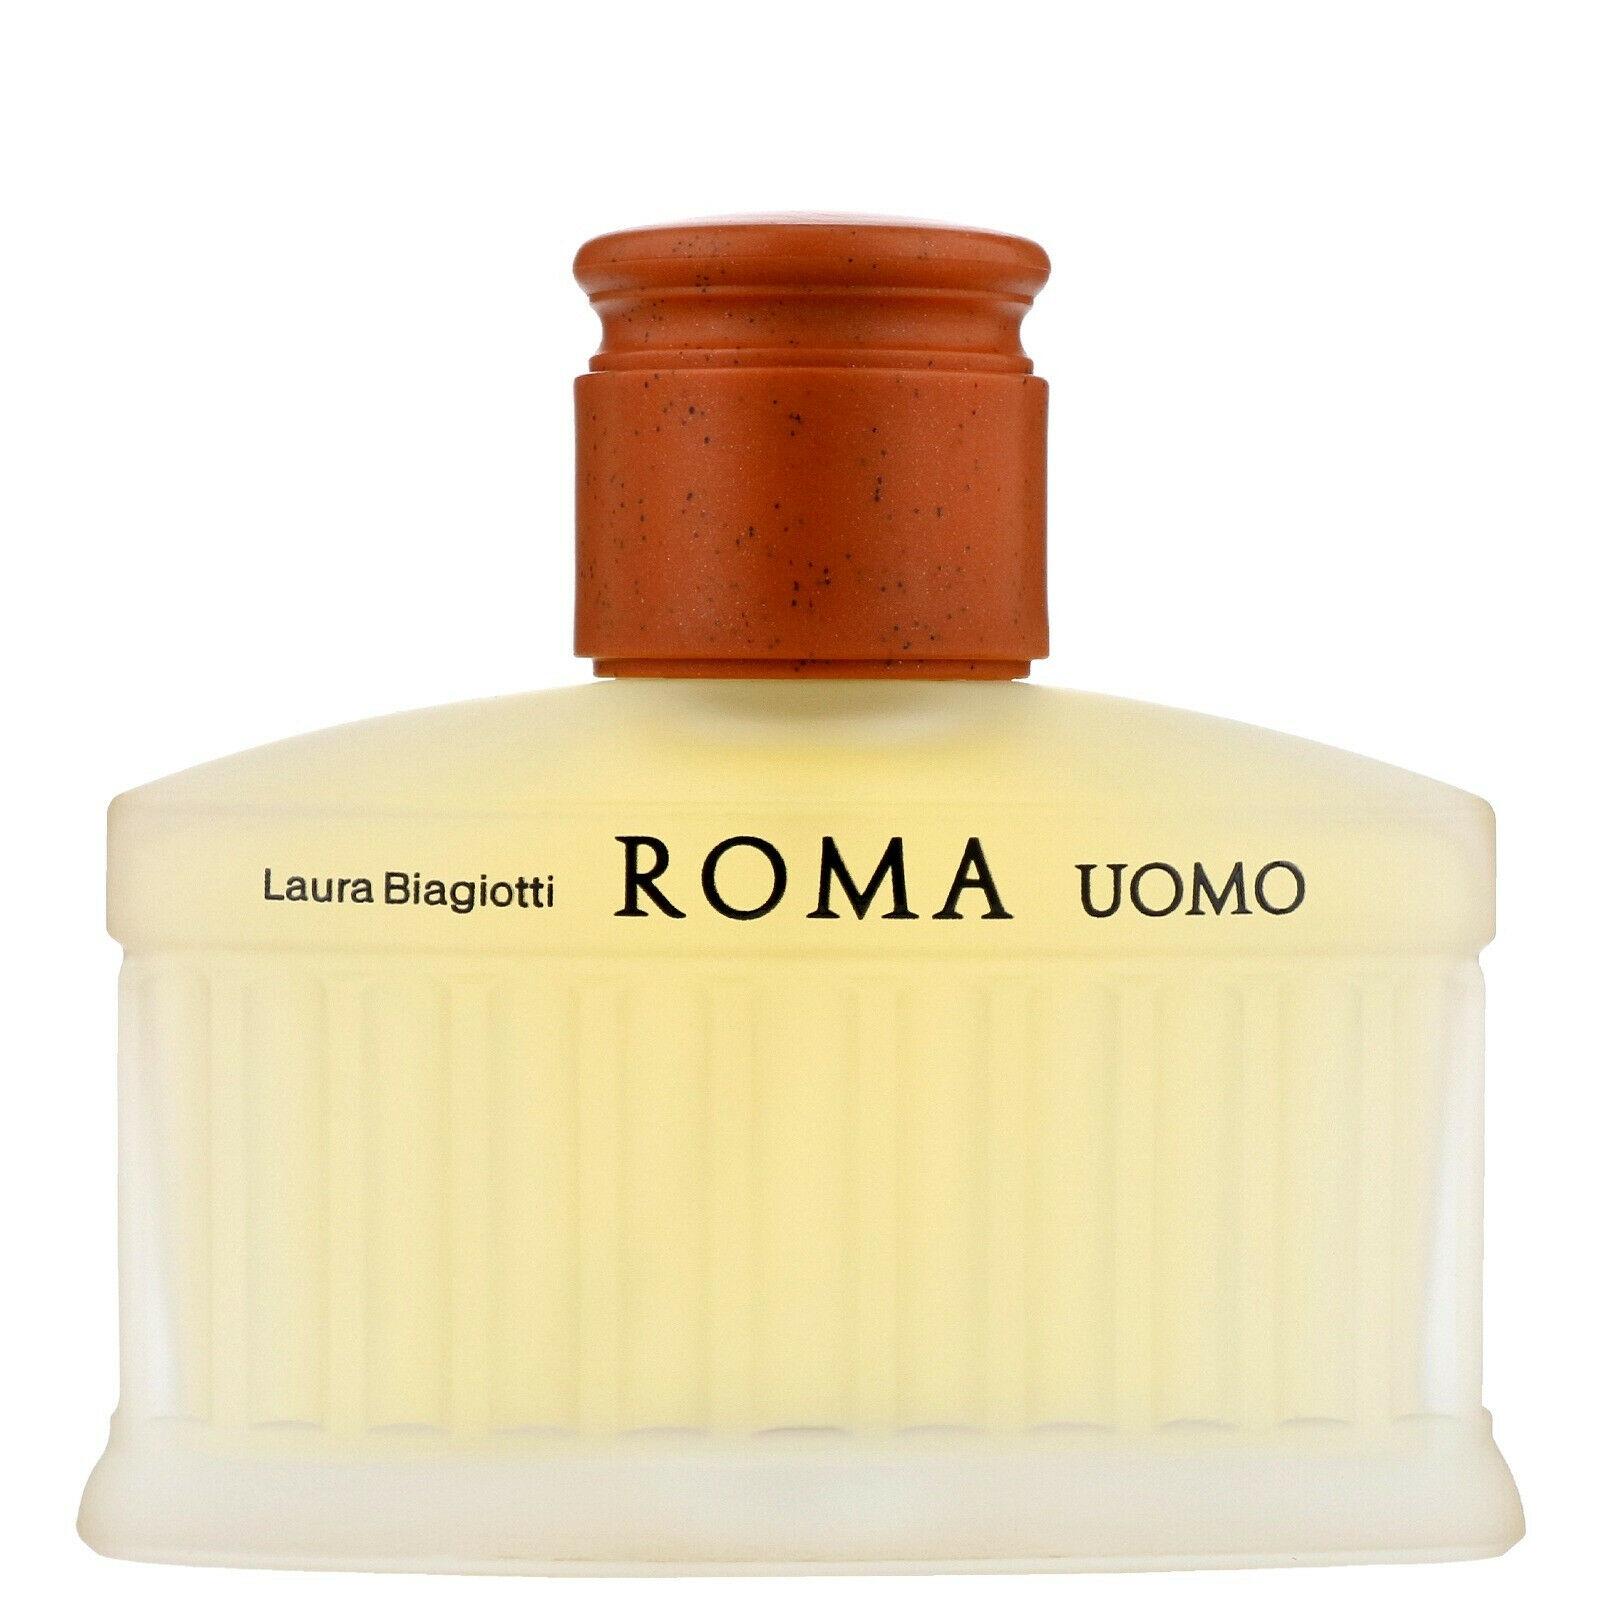 Laura Biagiotti Roma Uomo (M) edt 40ml